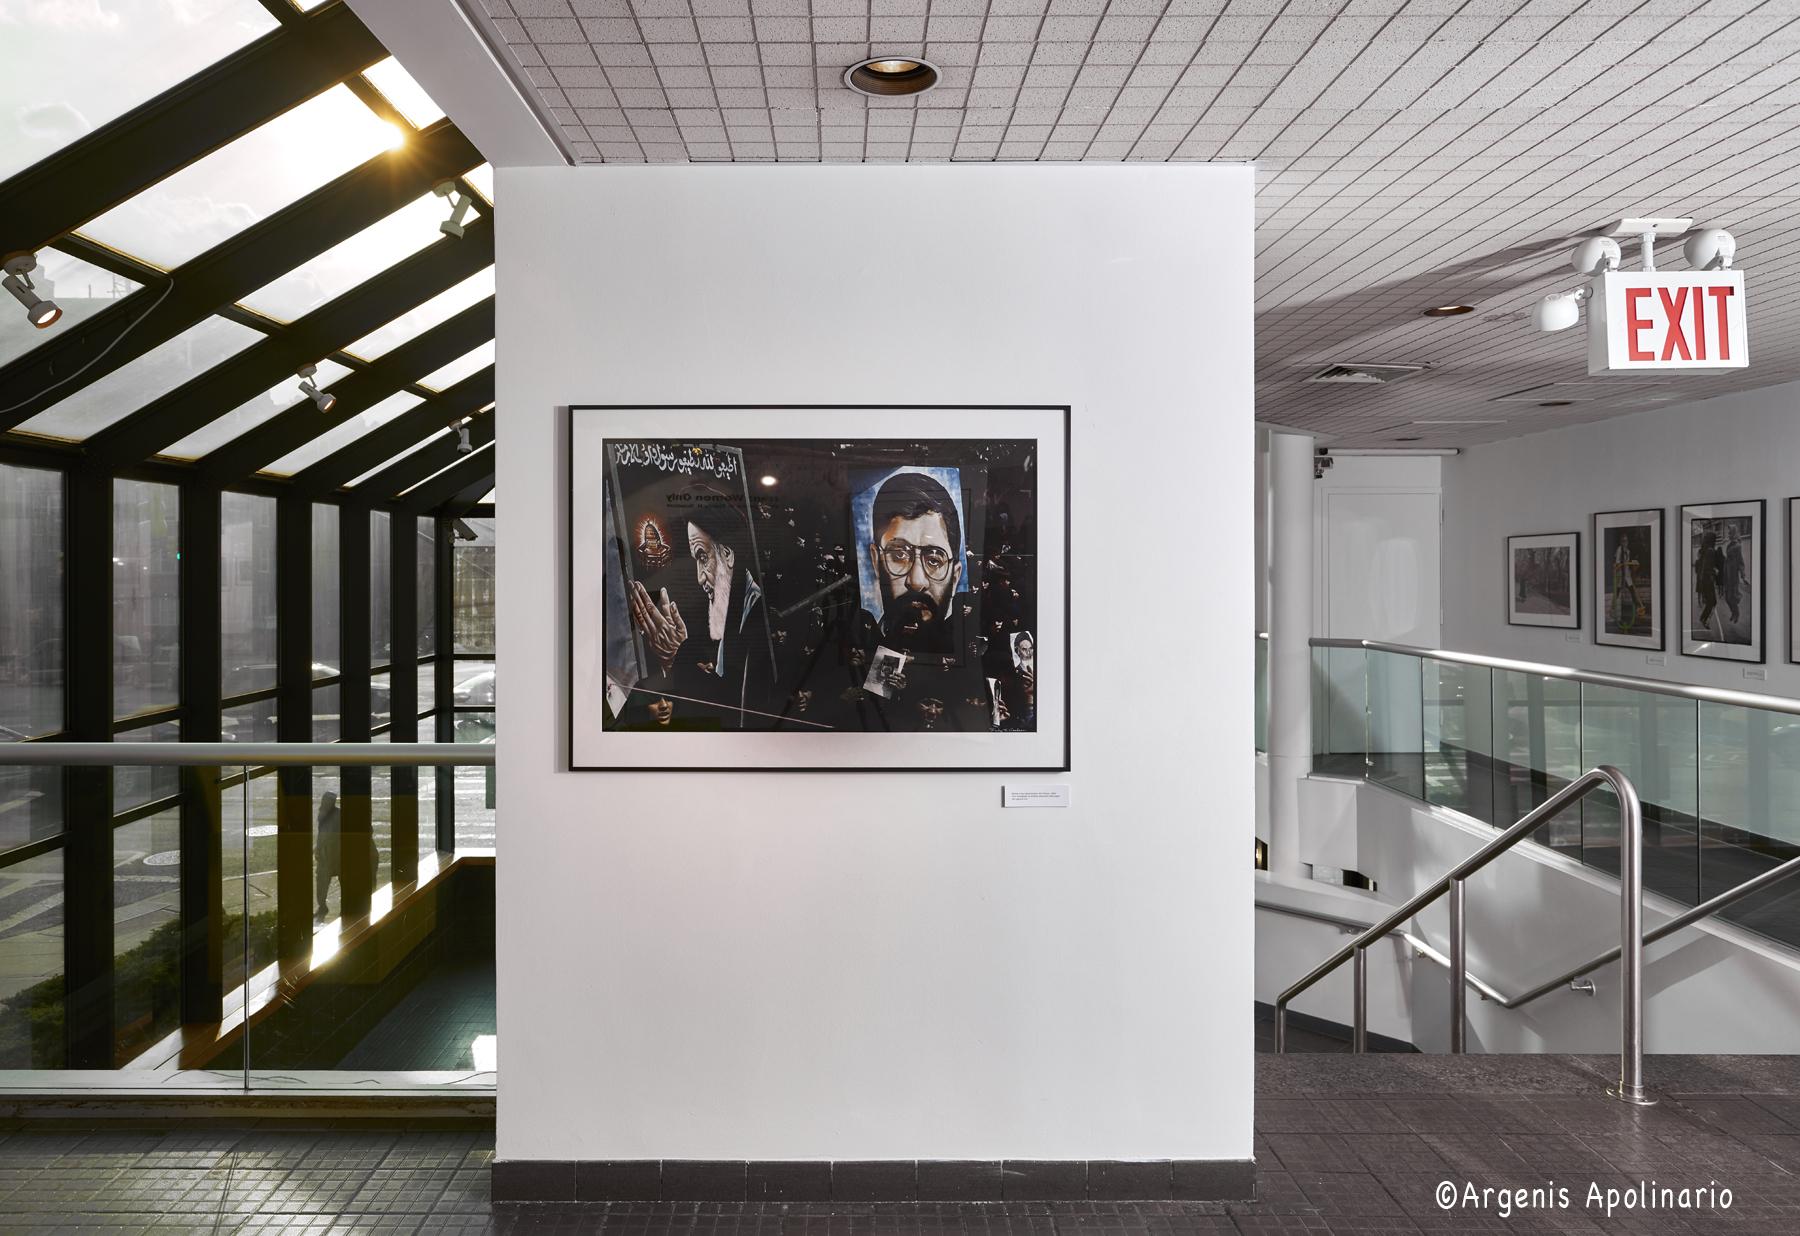 IRAN_WomenOnly_Bronx_Museum.jpg